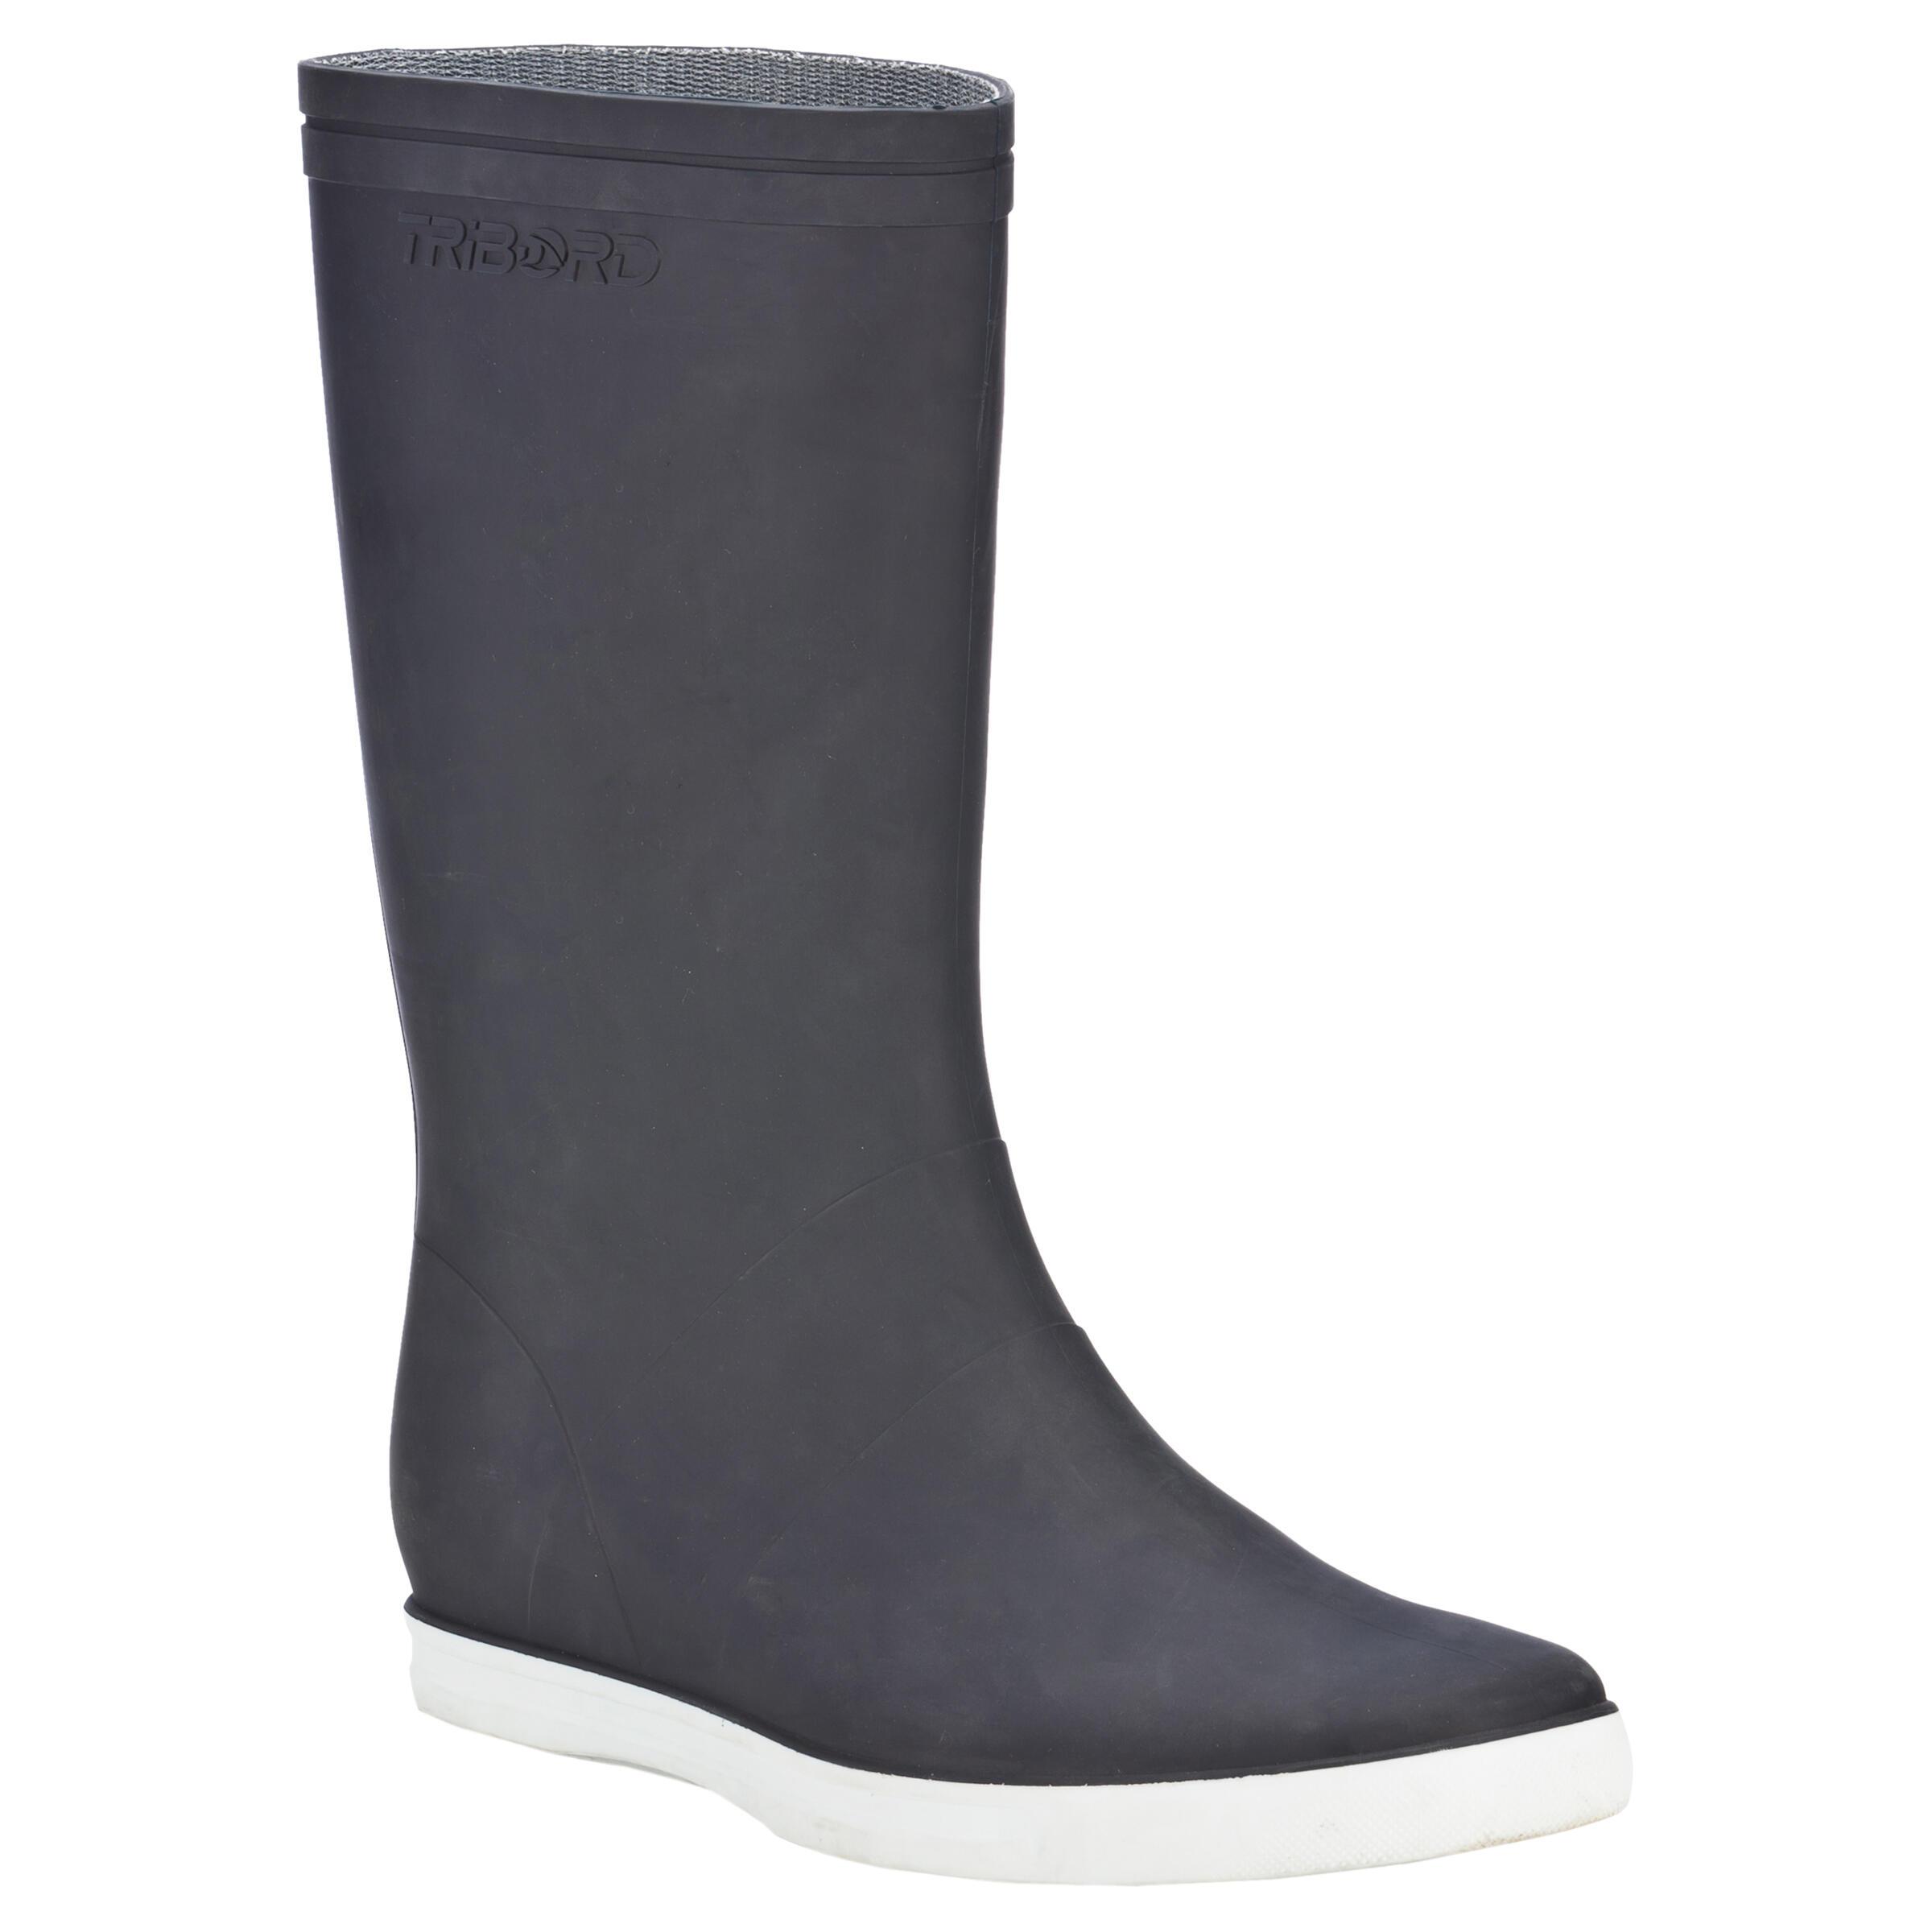 B100 Adult Sailing Boots - Blue